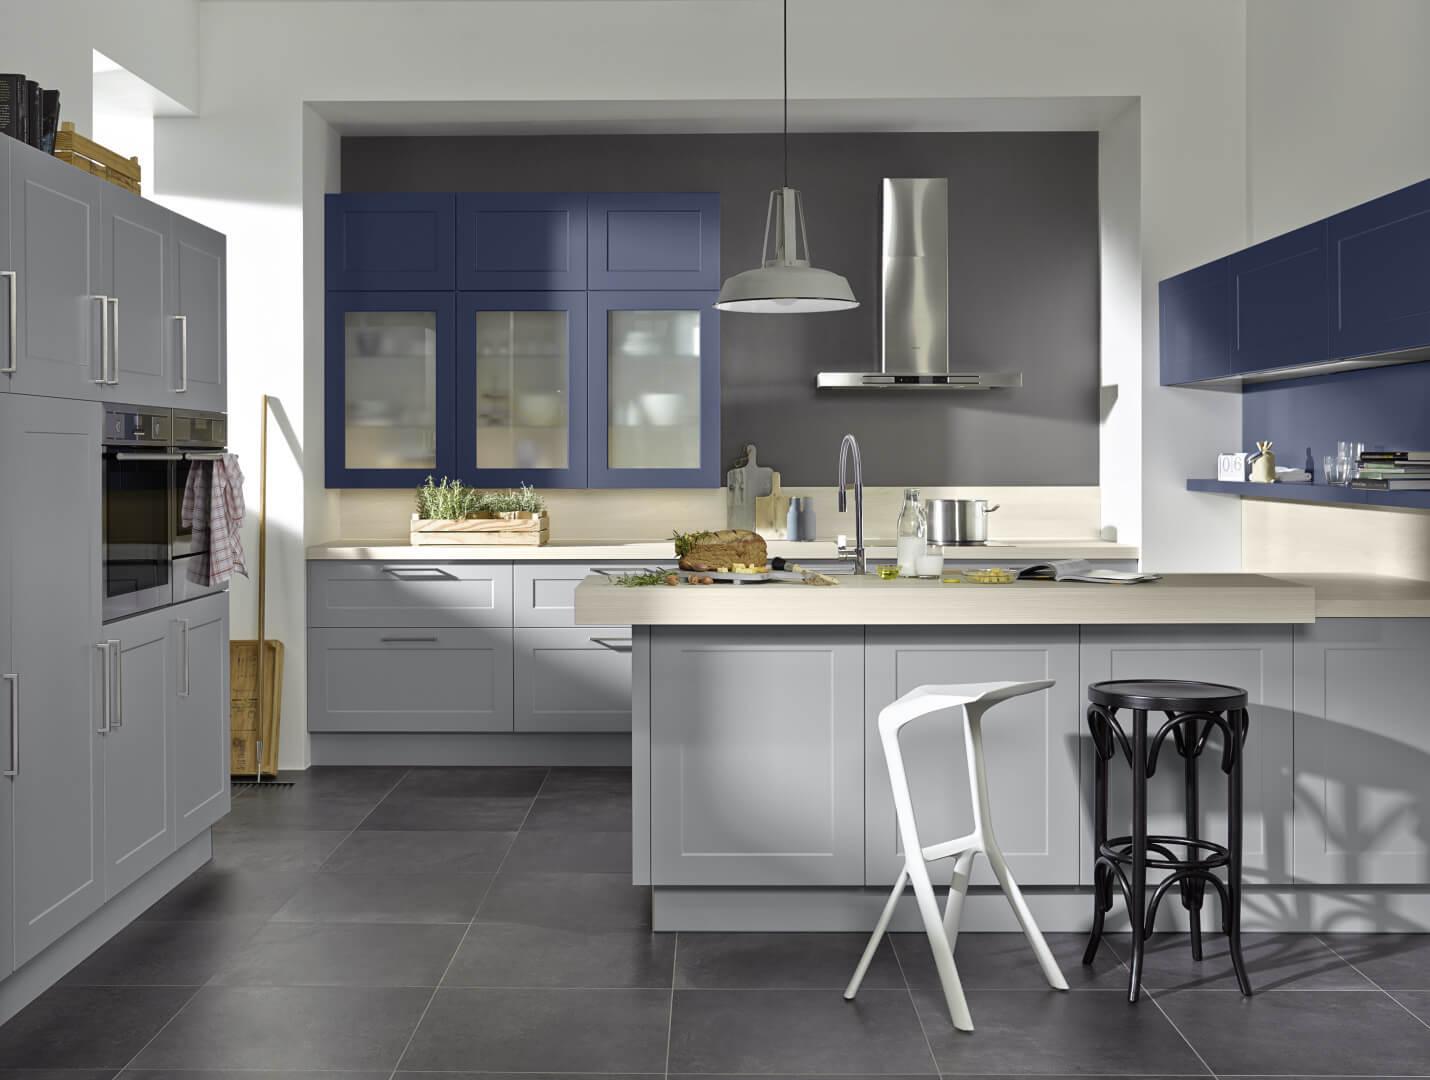 jak urządzić kuchnię w stylu skandynawskim